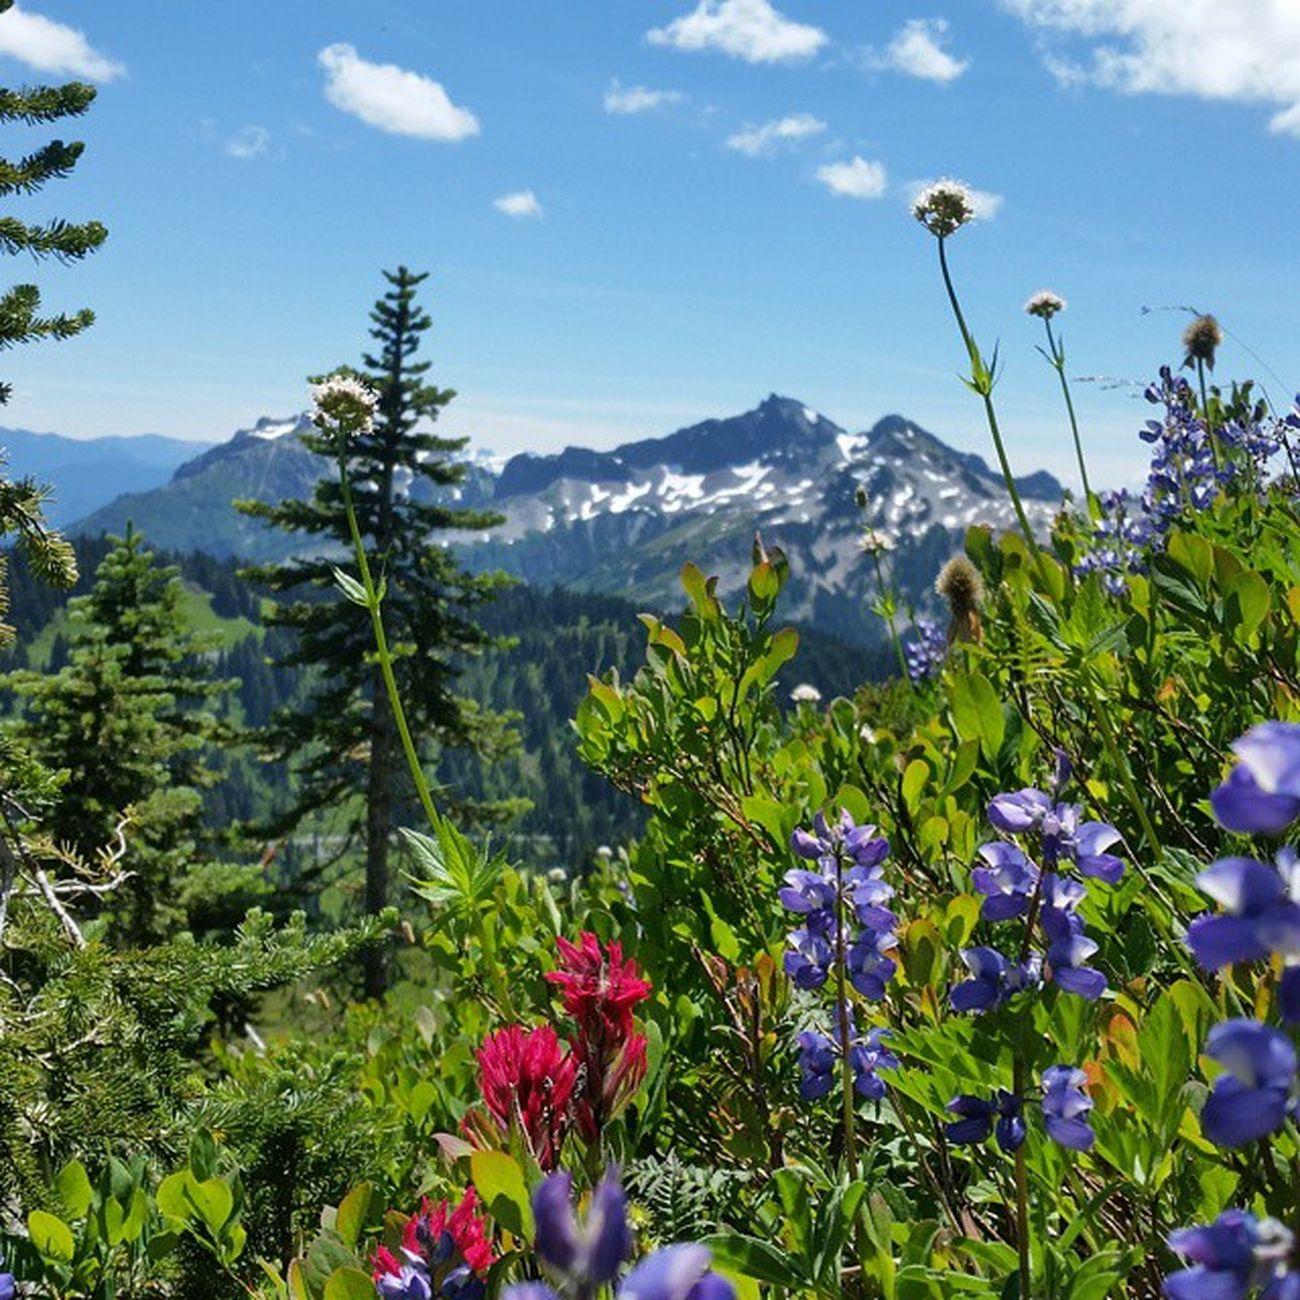 Wildflower heaven || Nature Wastate Hiking PNW pnwisbest northwestisbest adventureisoutthere flowers summer mountains nofilterneeded livewashington